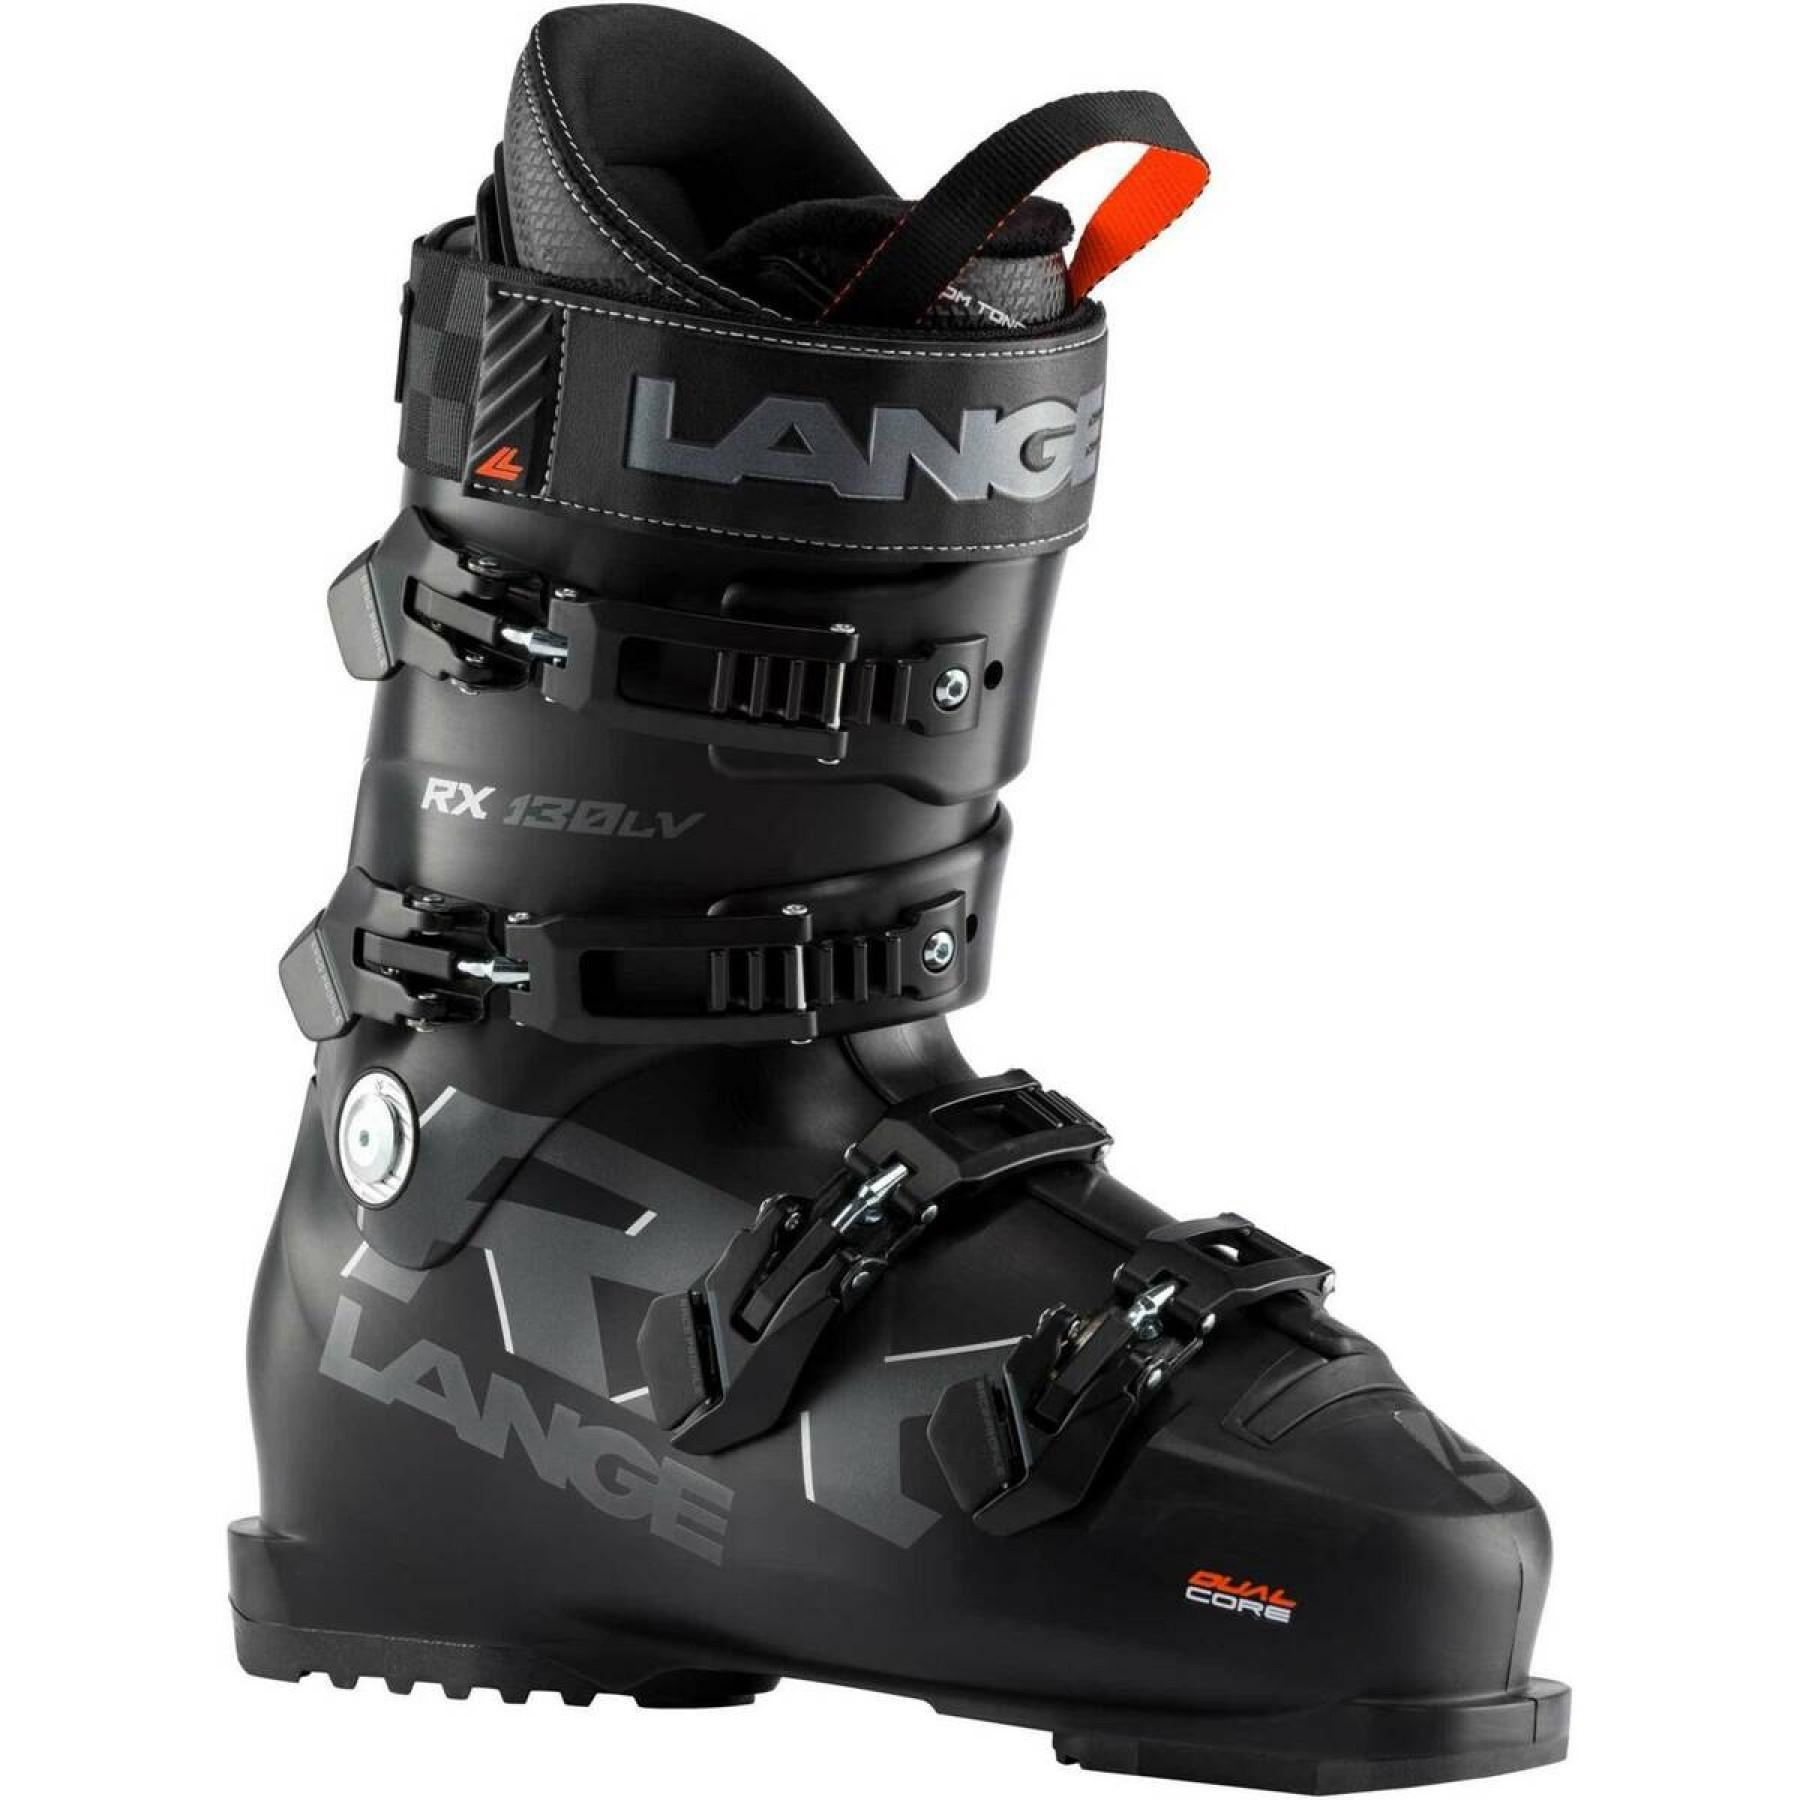 Ski boots Lange rx 130 lv